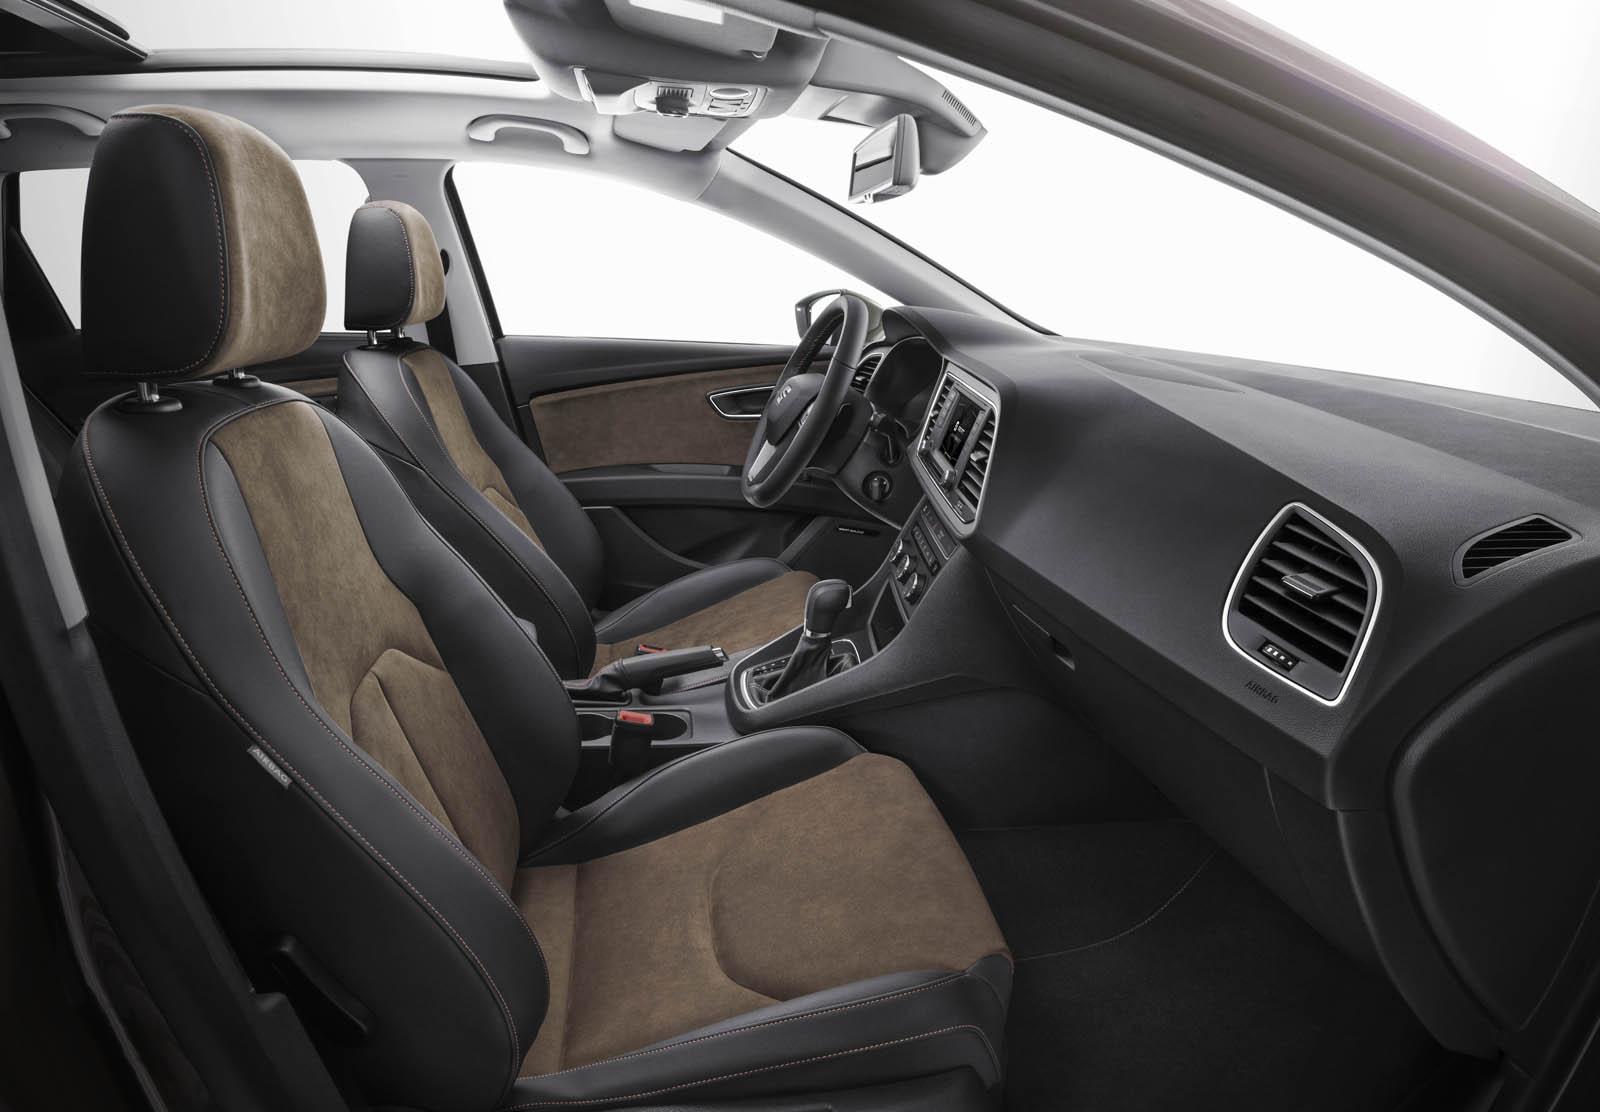 Foto interior seat leon xperience suv todocamino 2014 for Interior seat leon